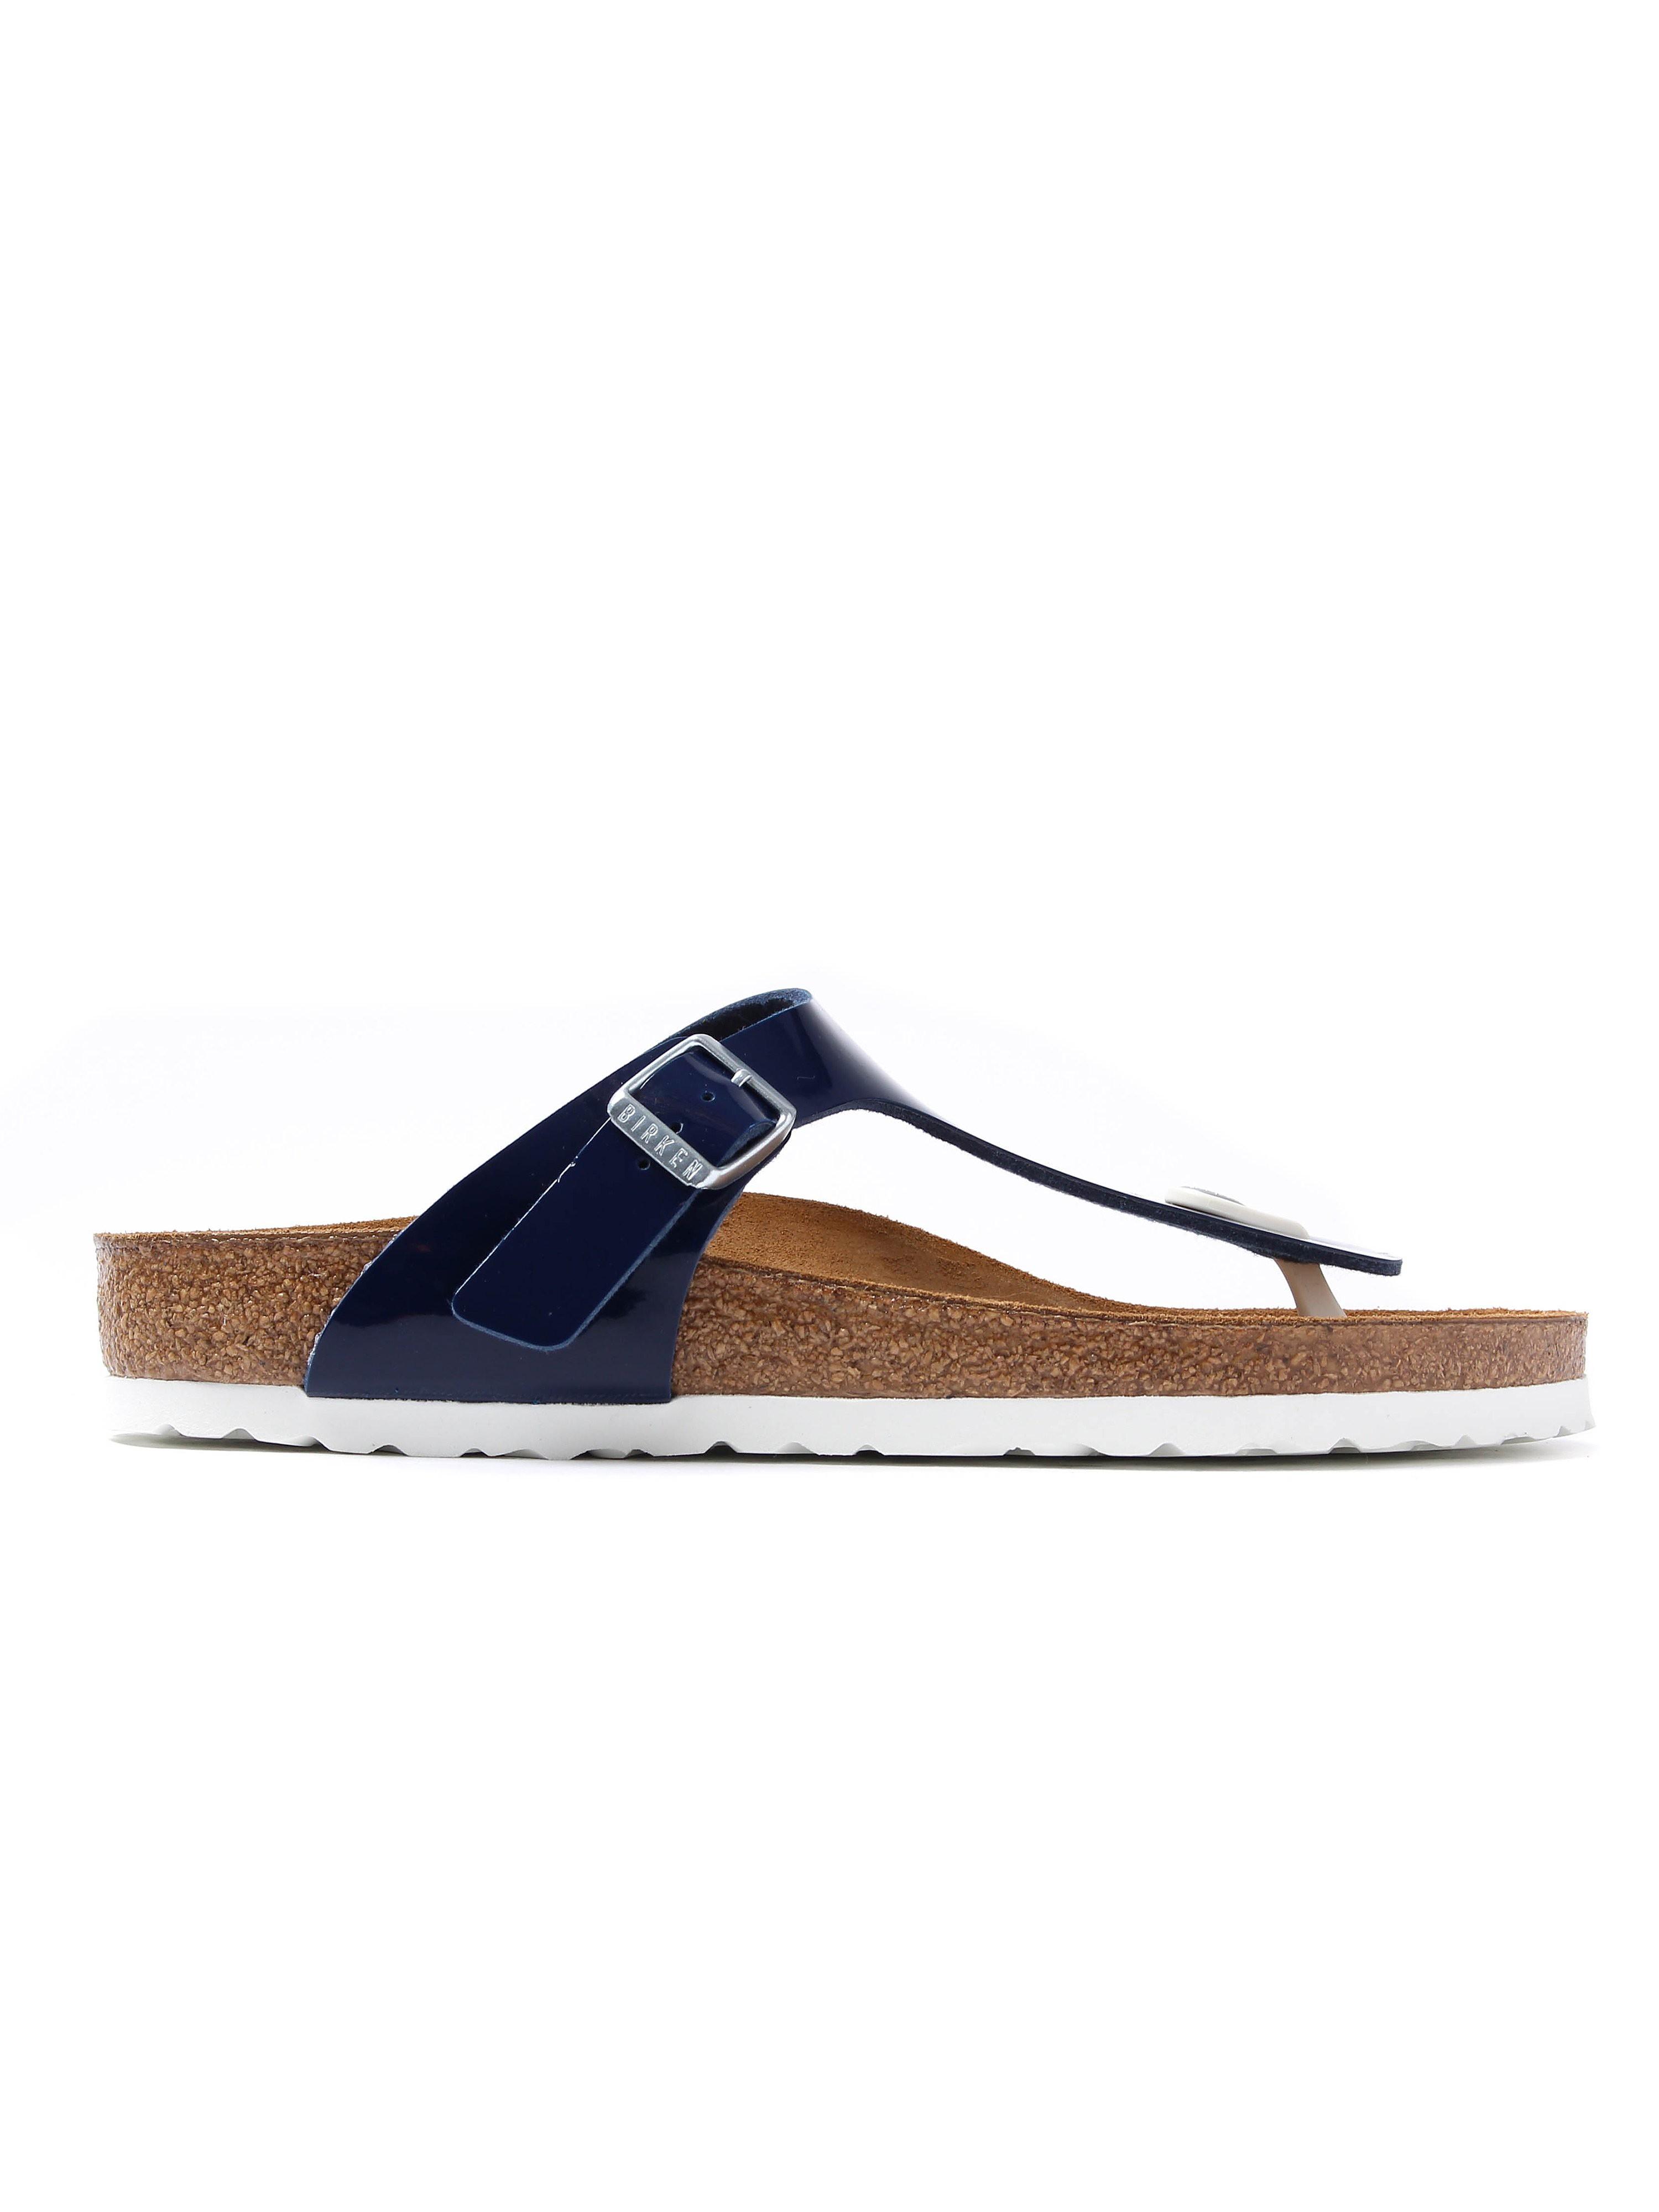 Birkenstock Women's Gizeh Regular Fit Sandals - Navy Patent